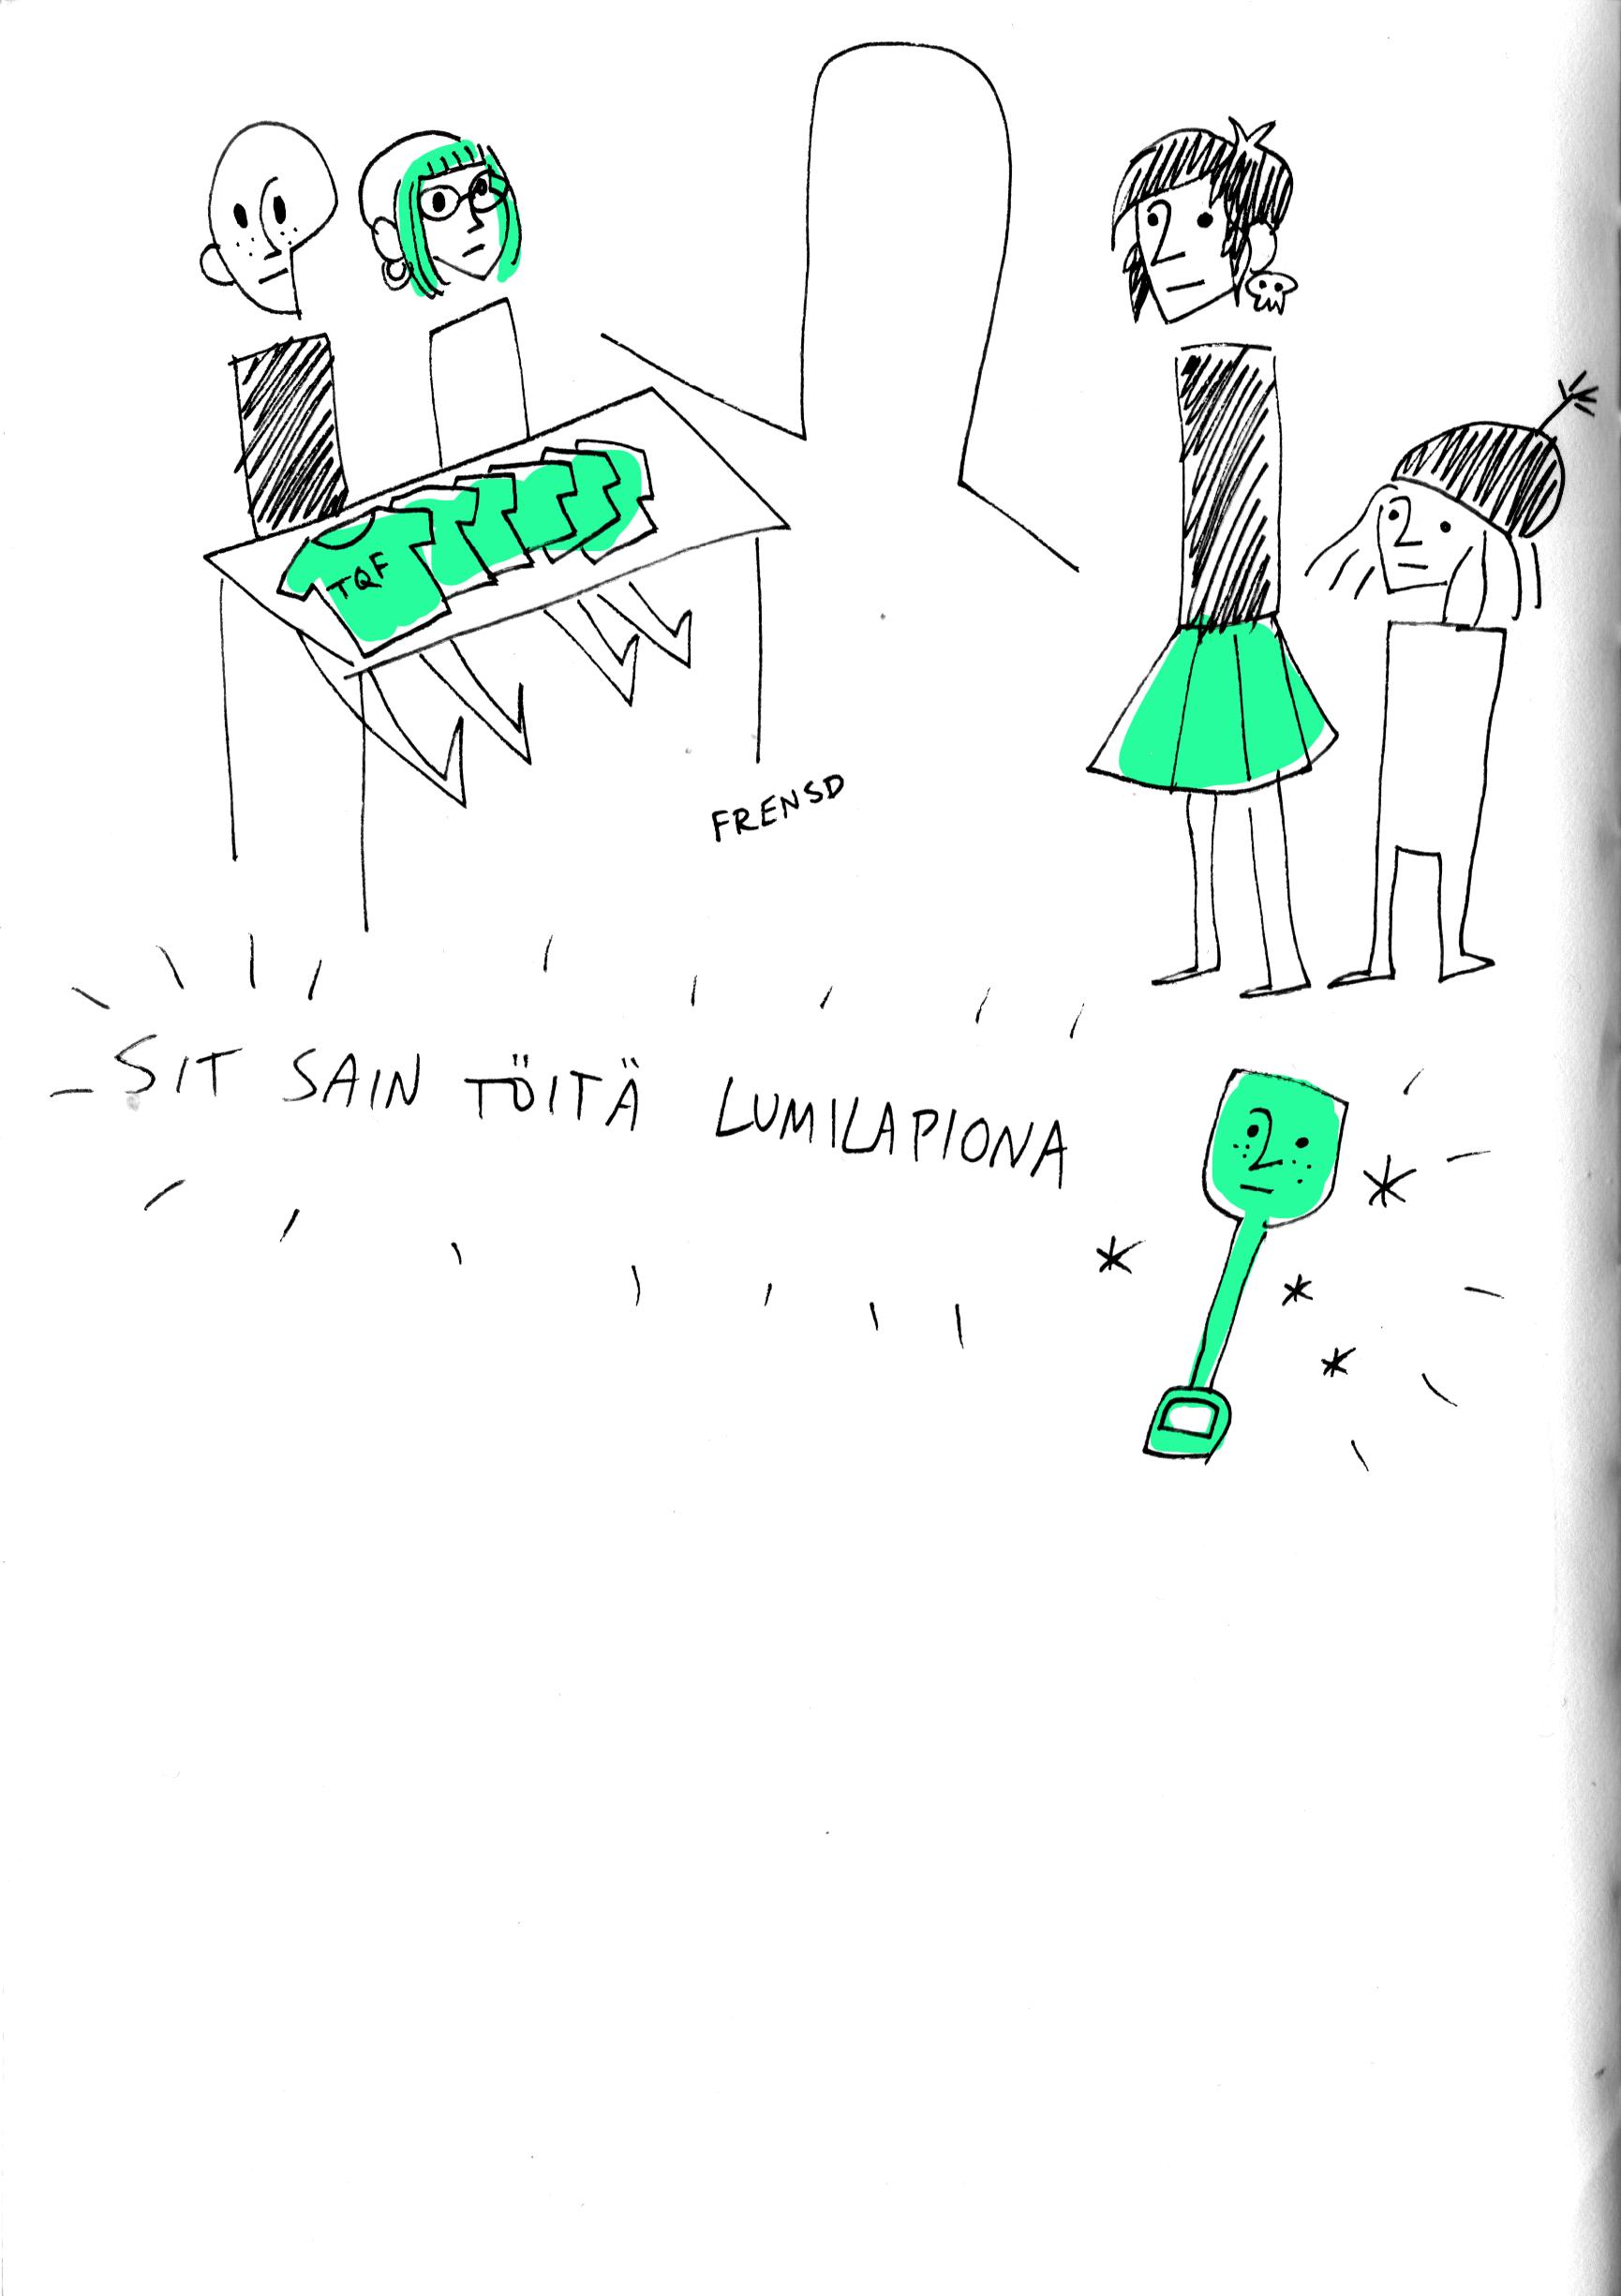 261016-tauolta-3